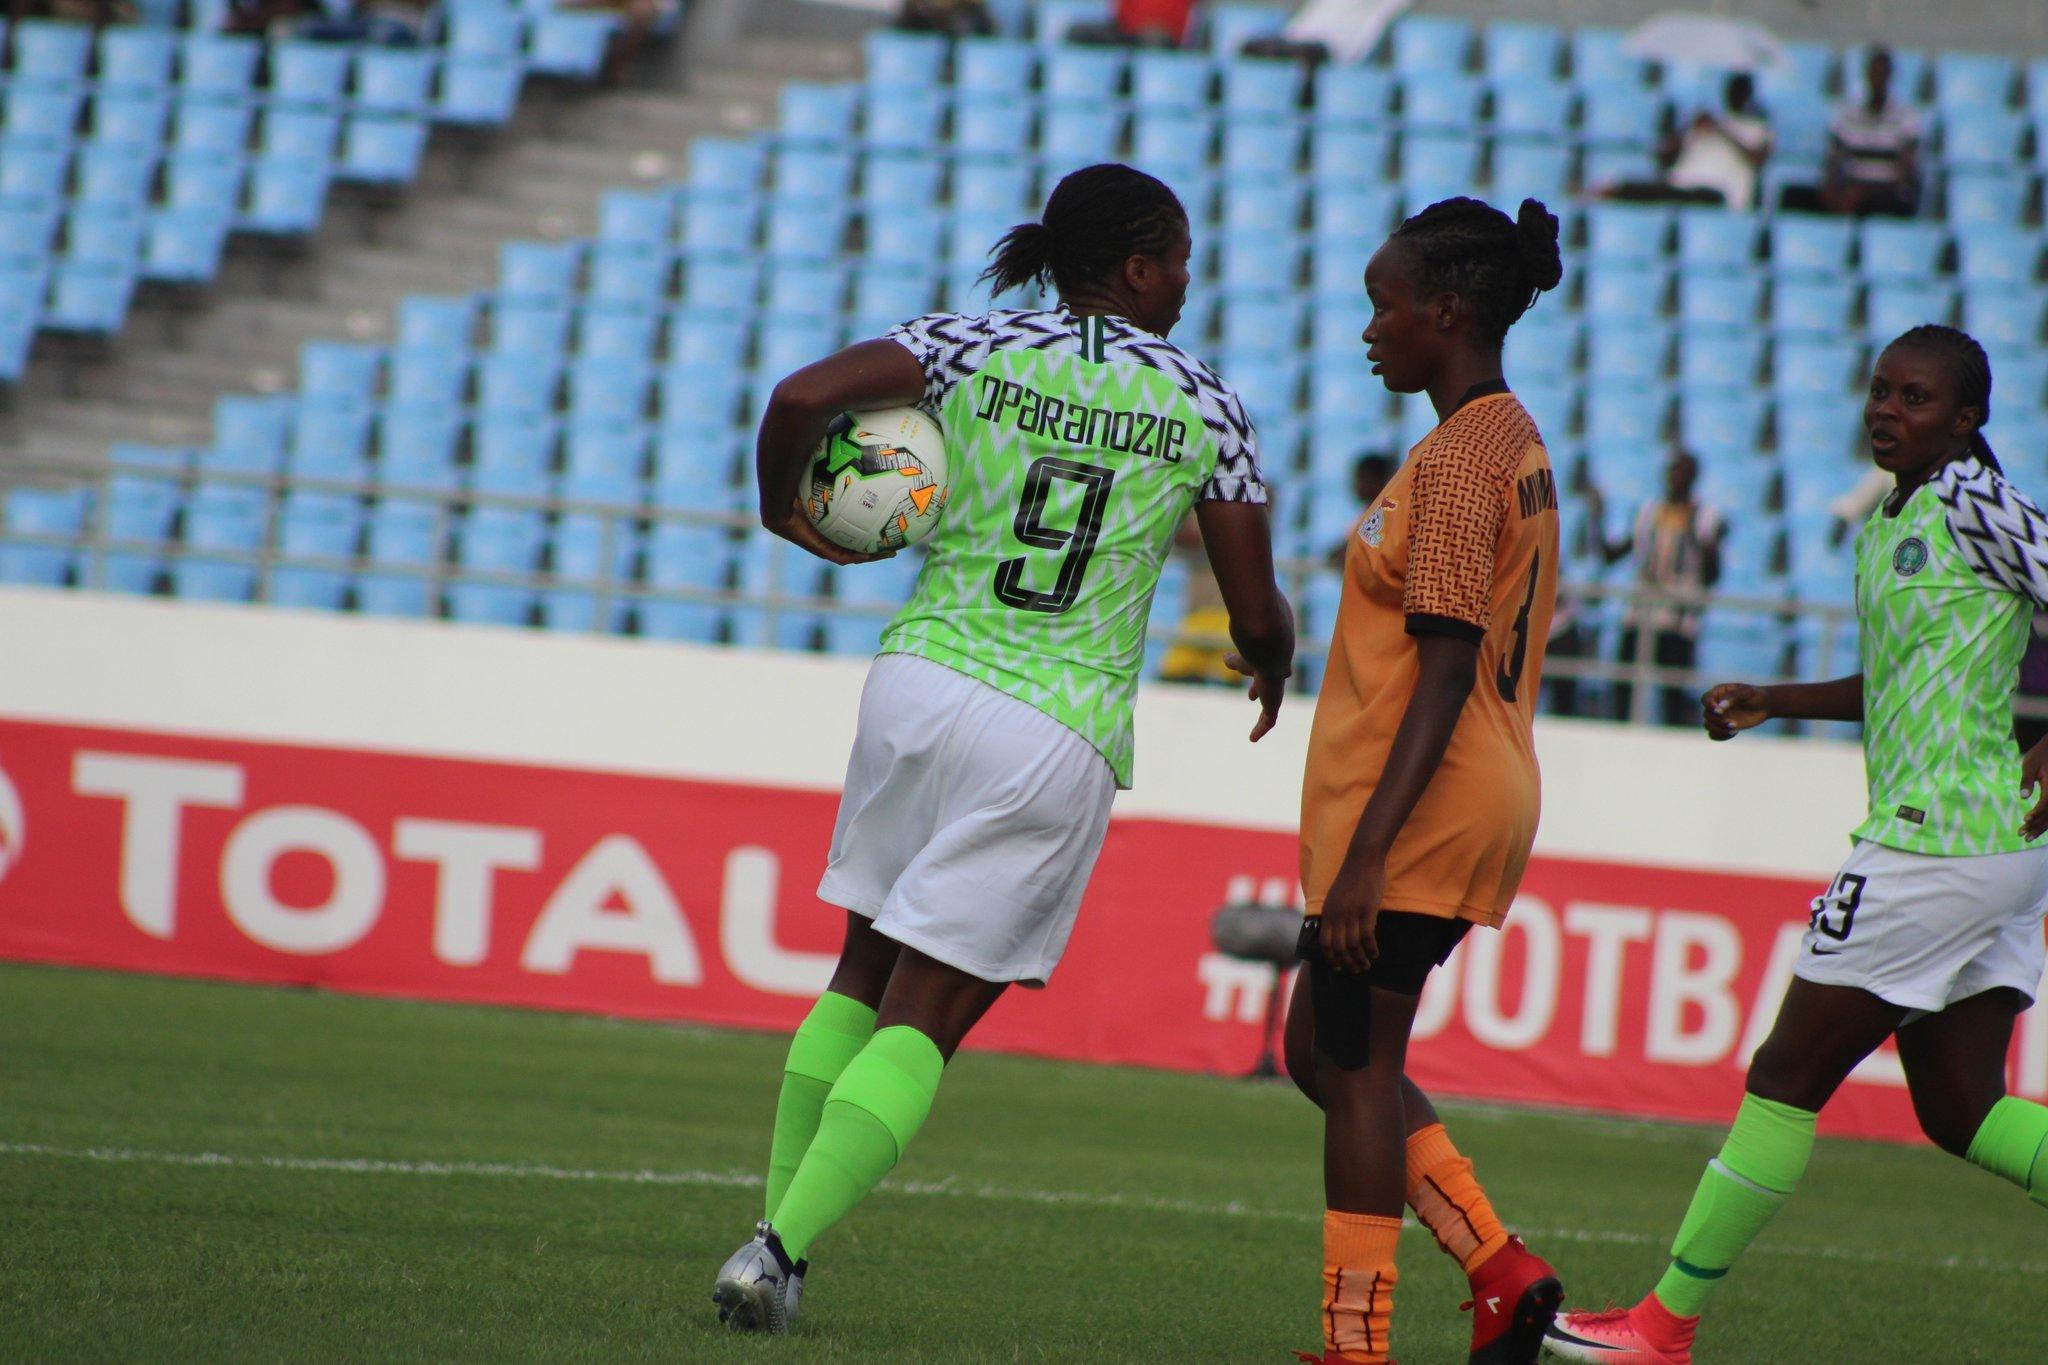 Nigeria vs Equatorial Guinea: Super Falcons aim to win convincingly – Oparanozie